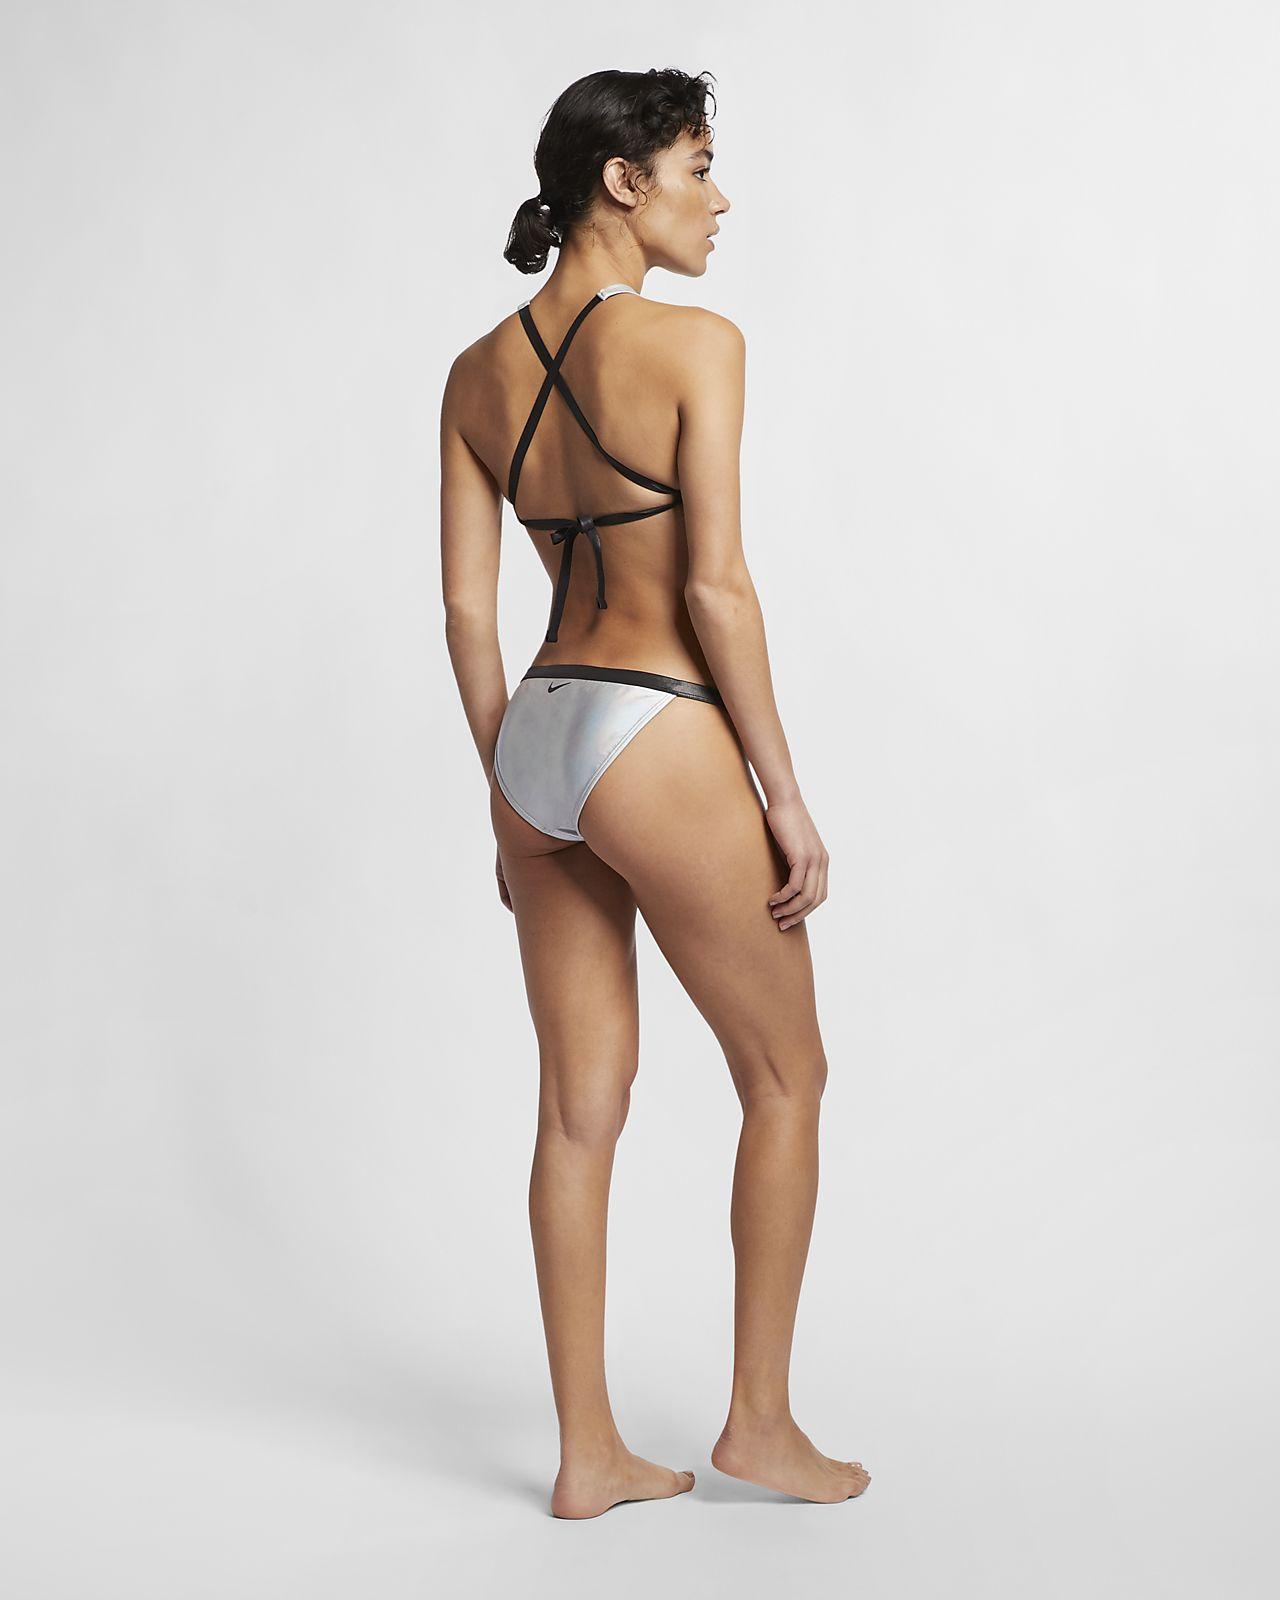 78d3ad847e Γυναικείο κάτω μέρος μαγιό Nike Flash Sport Bikini. Nike.com GR